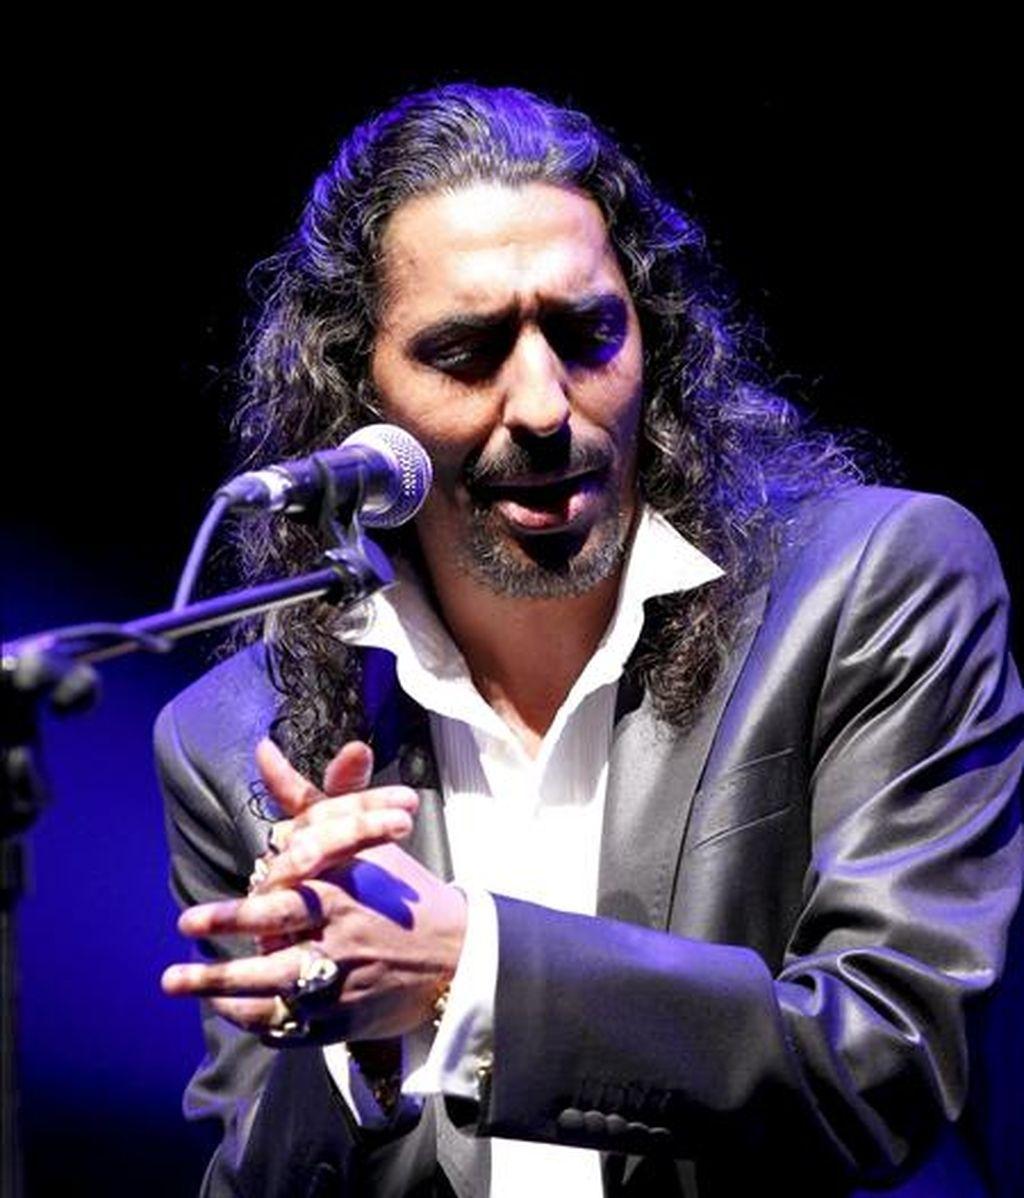 """El cantaor Diego """"El Cigala"""", durante su actuación esta noche en el escenario Puerta del Ángel de Madrid, incluido en los Veranos de la Villa 2010. EFE"""